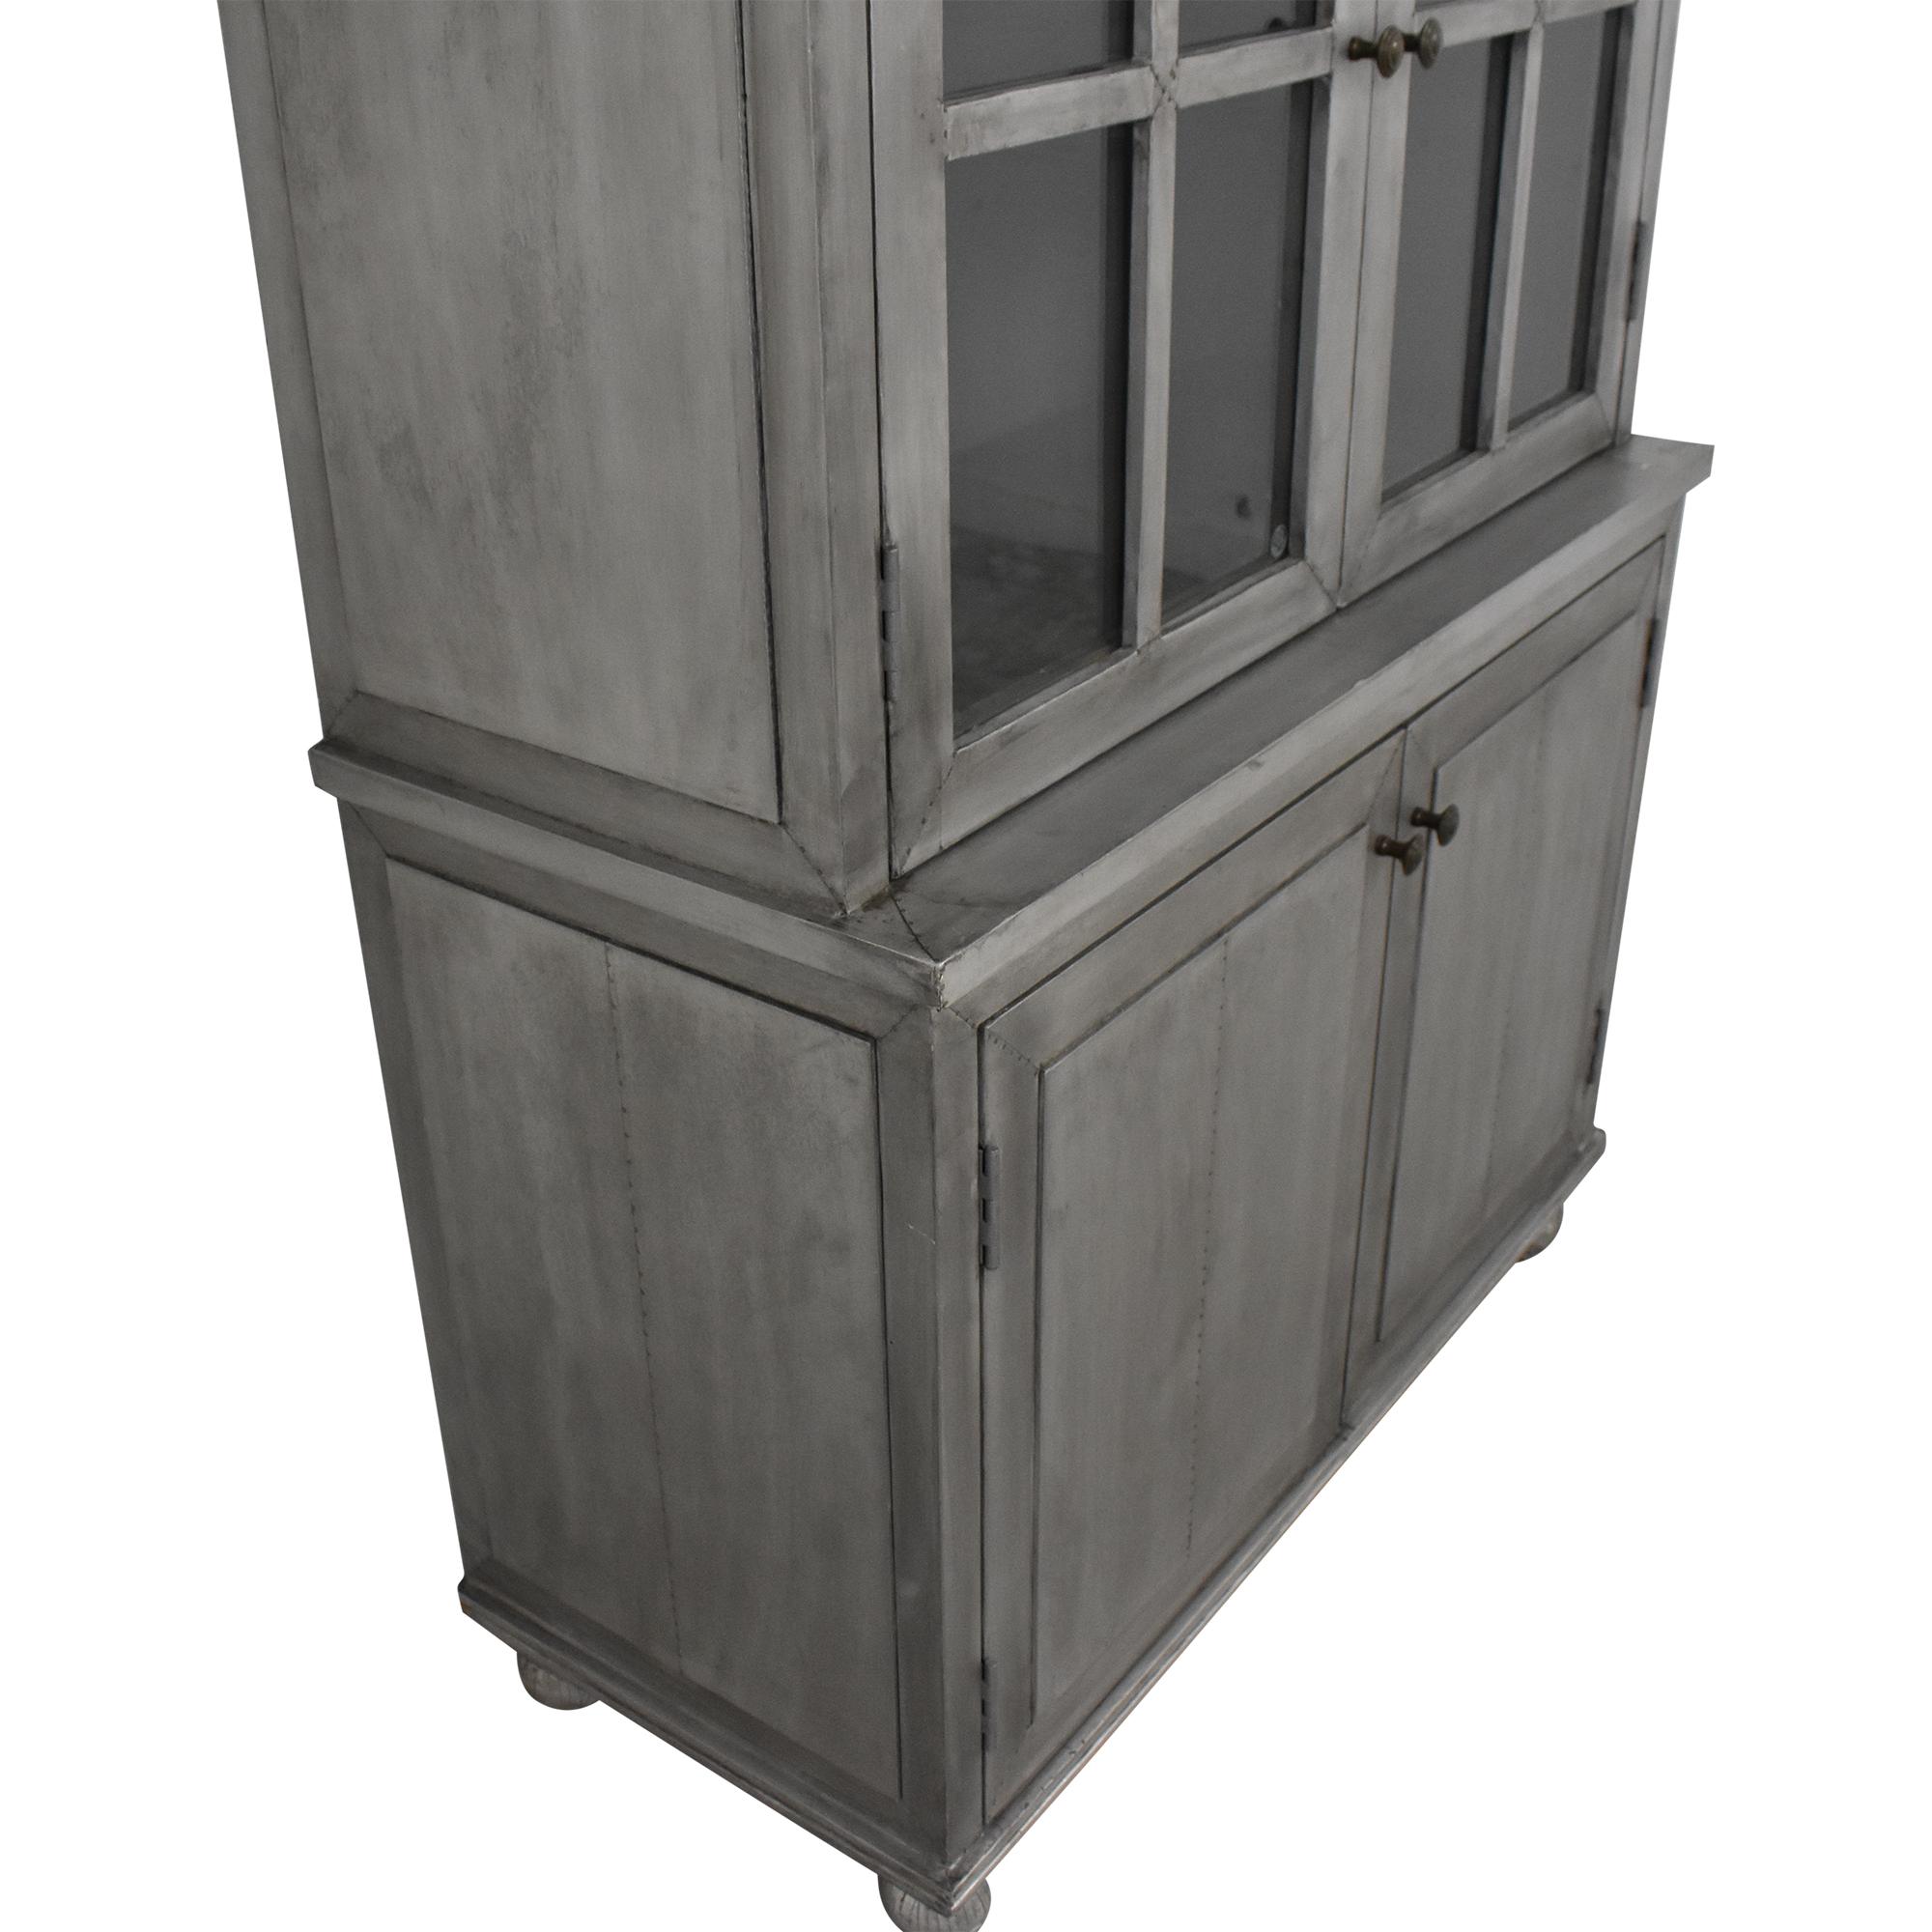 Restoration Hardware Restoration Hardware Annecy Double-Door Sideboard & Hutch discount